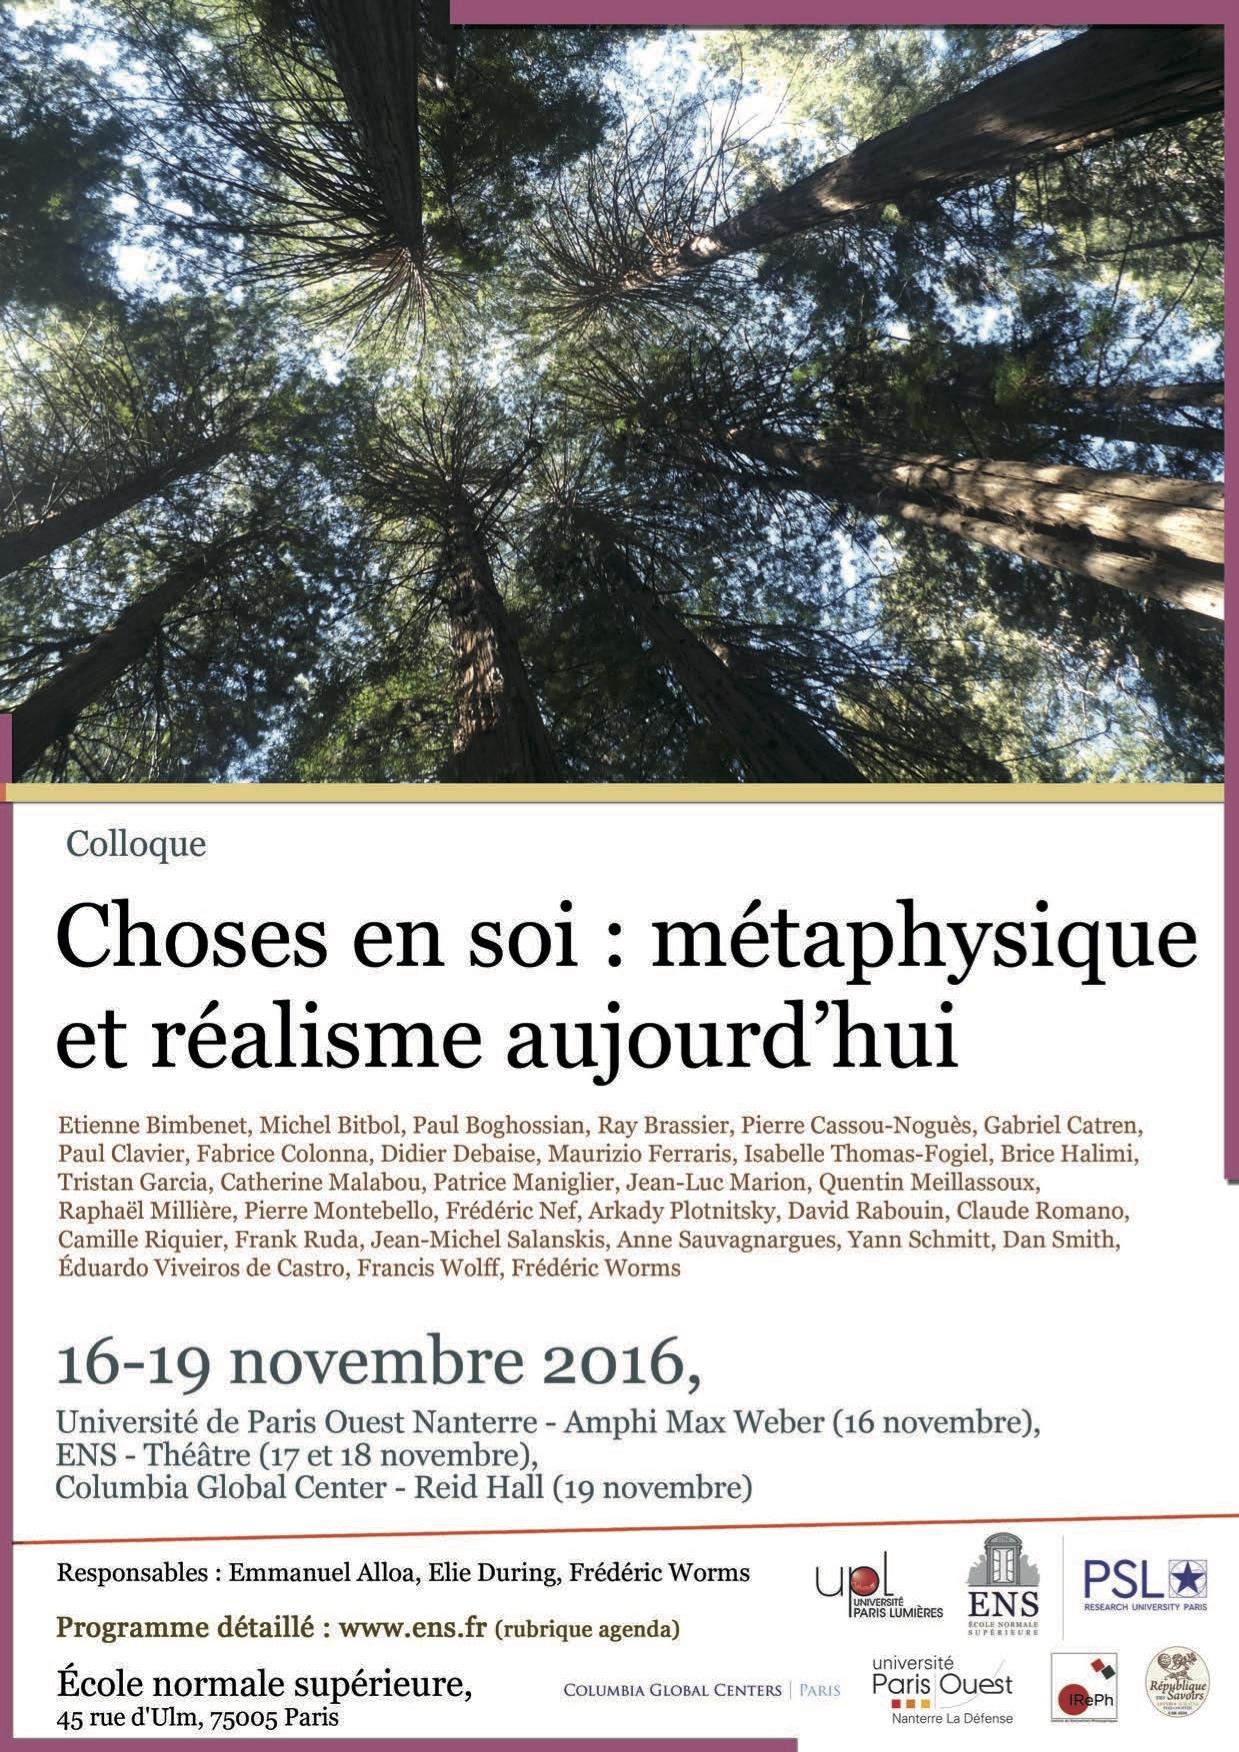 choses-en-soi-16-19-nov-2016-affiche